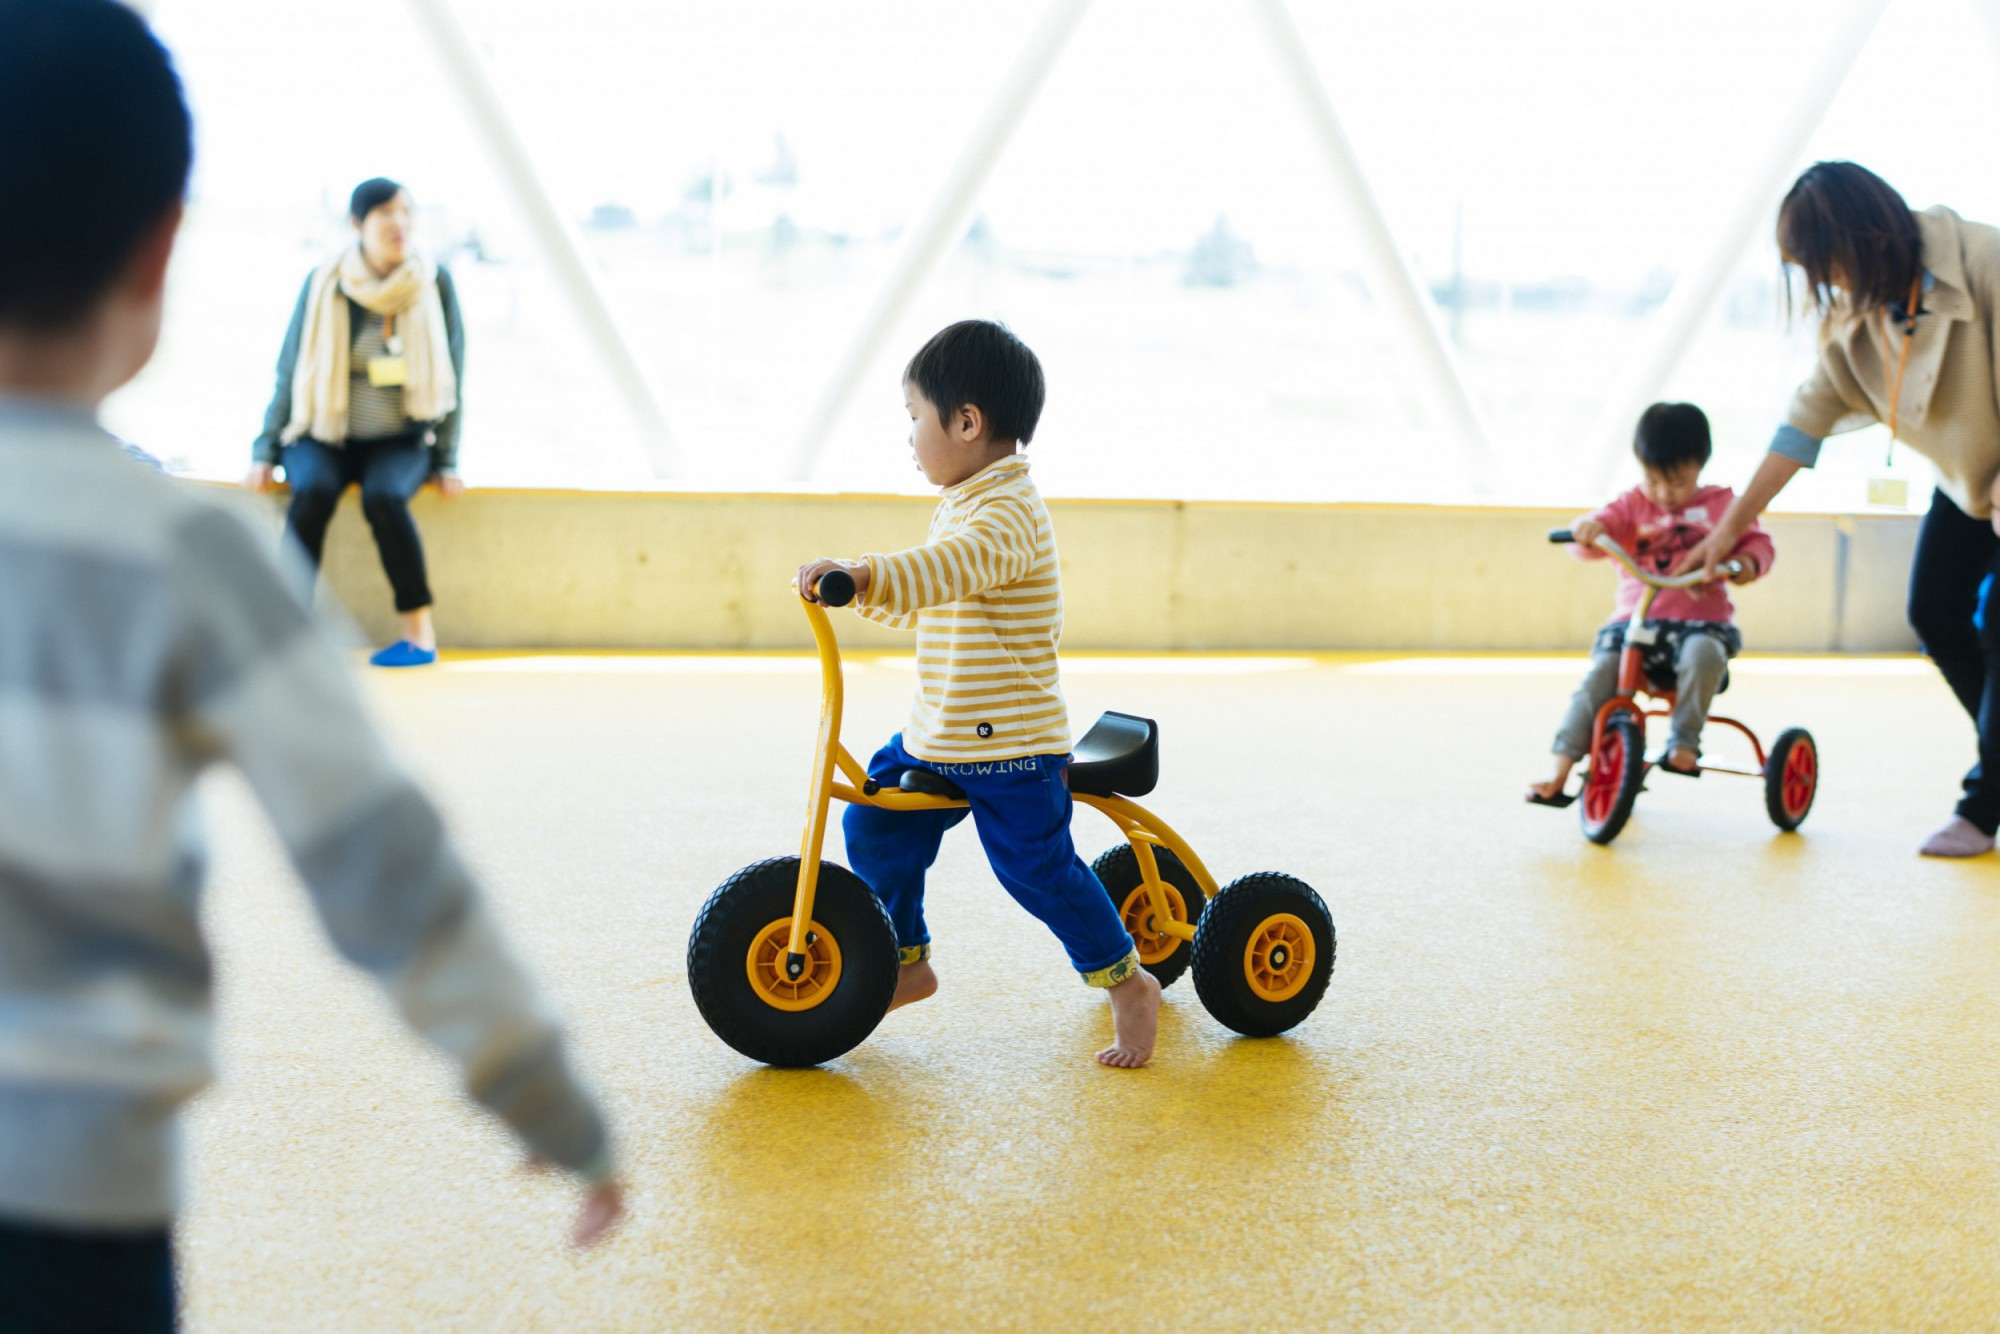 三輪車を走らせるだけの十分なスペースがある。